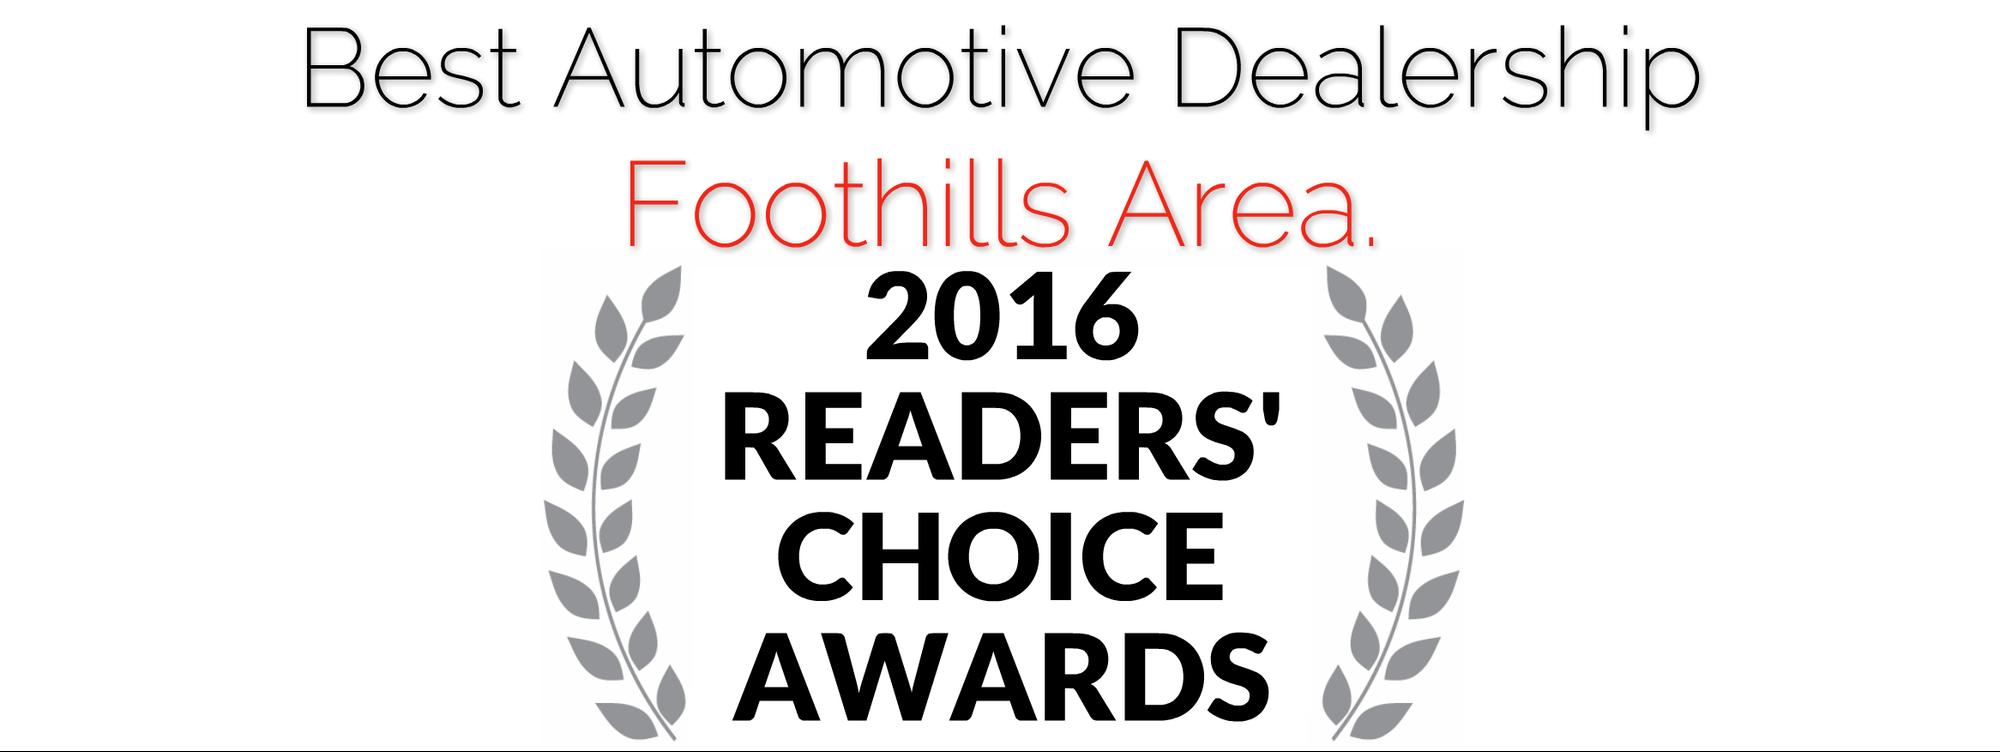 Best Automotive Dealership